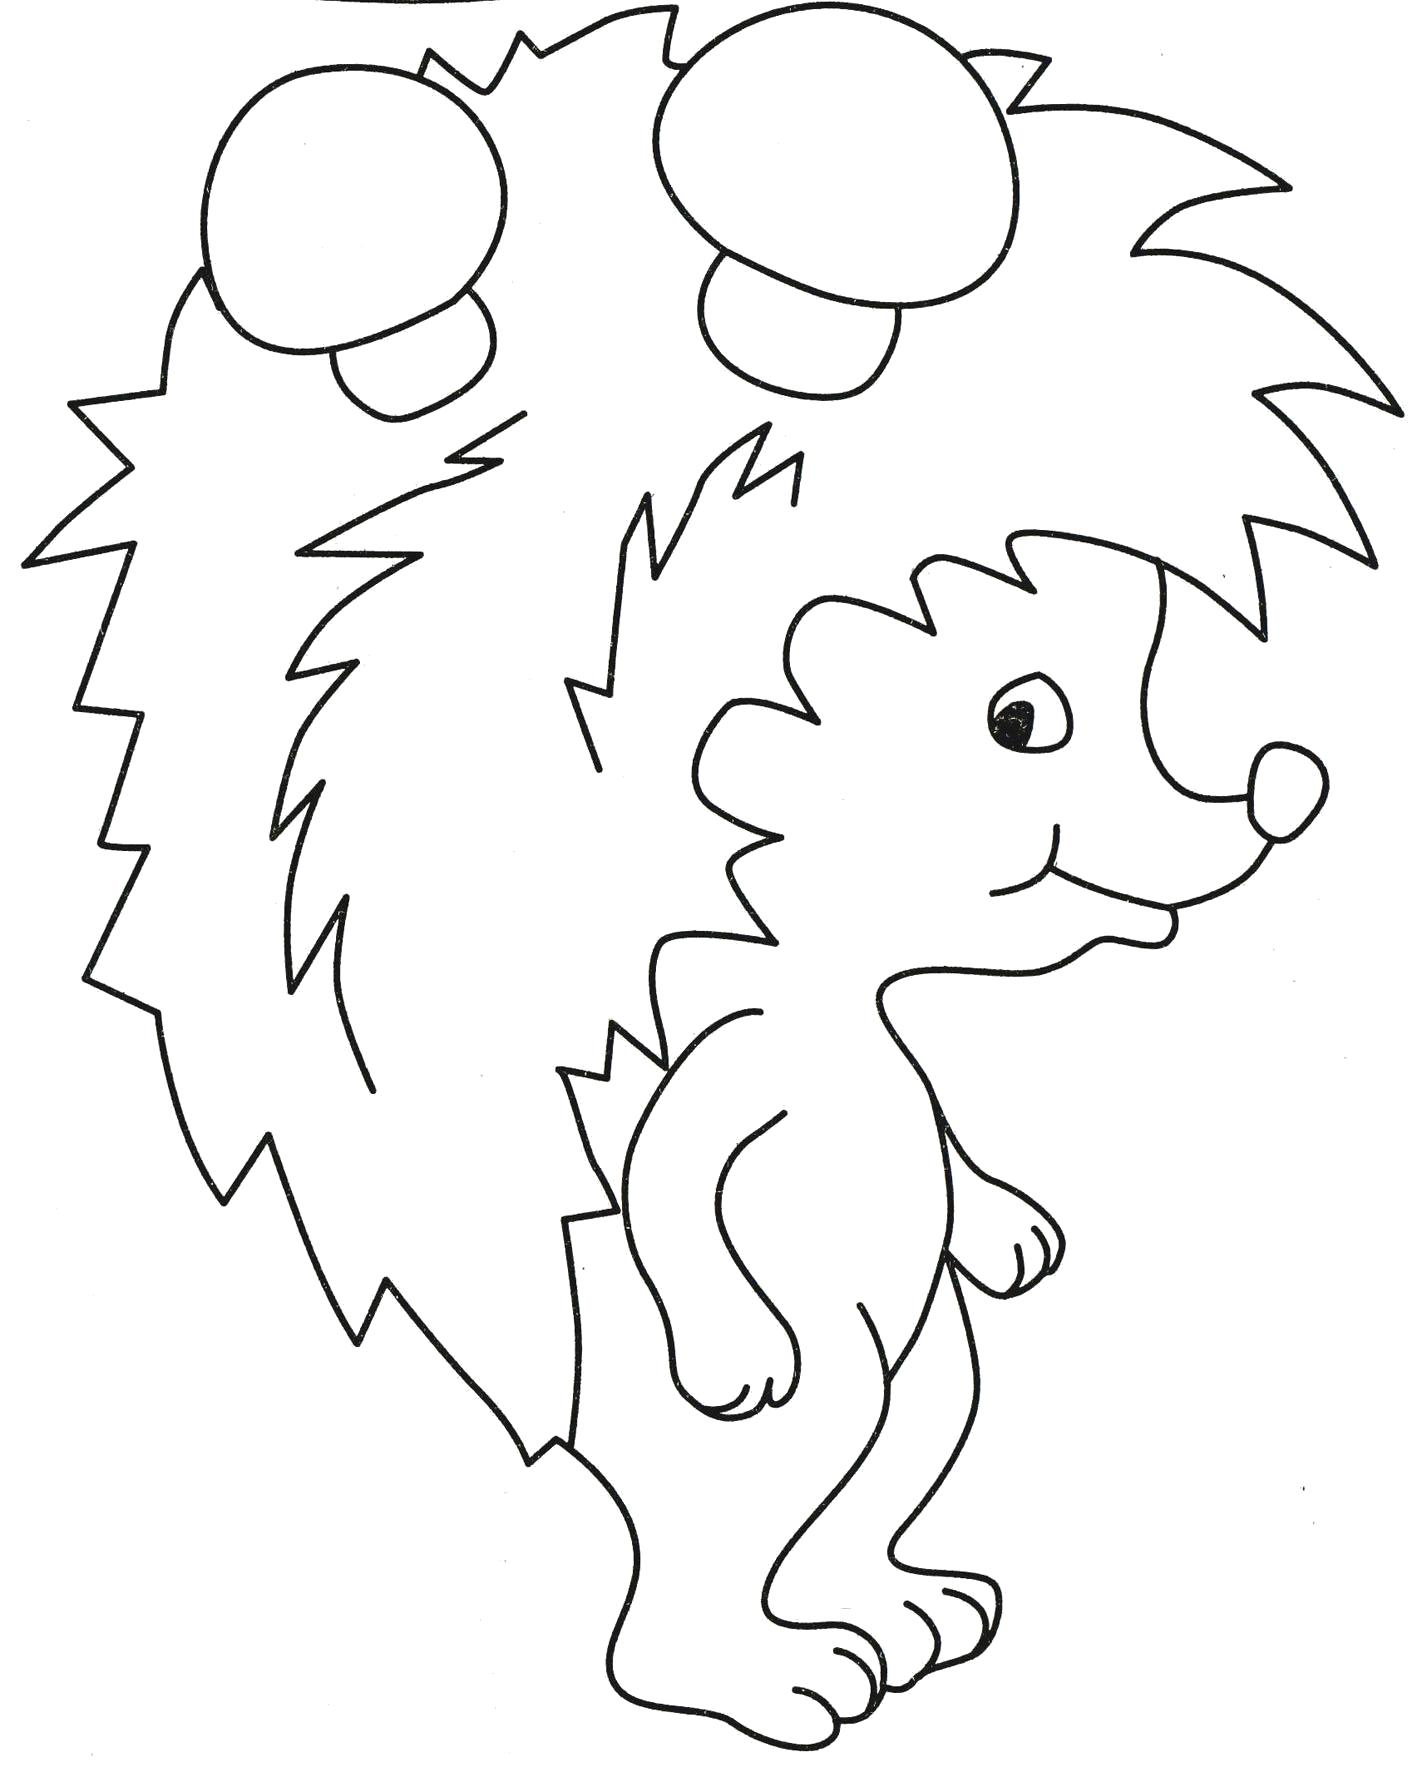 Раскраска  ежик  животные, природа, лесные животные, дикие животные, простая ,  грибы, иголки, ежи... . Скачать Ежик.  Распечатать Дикие животные